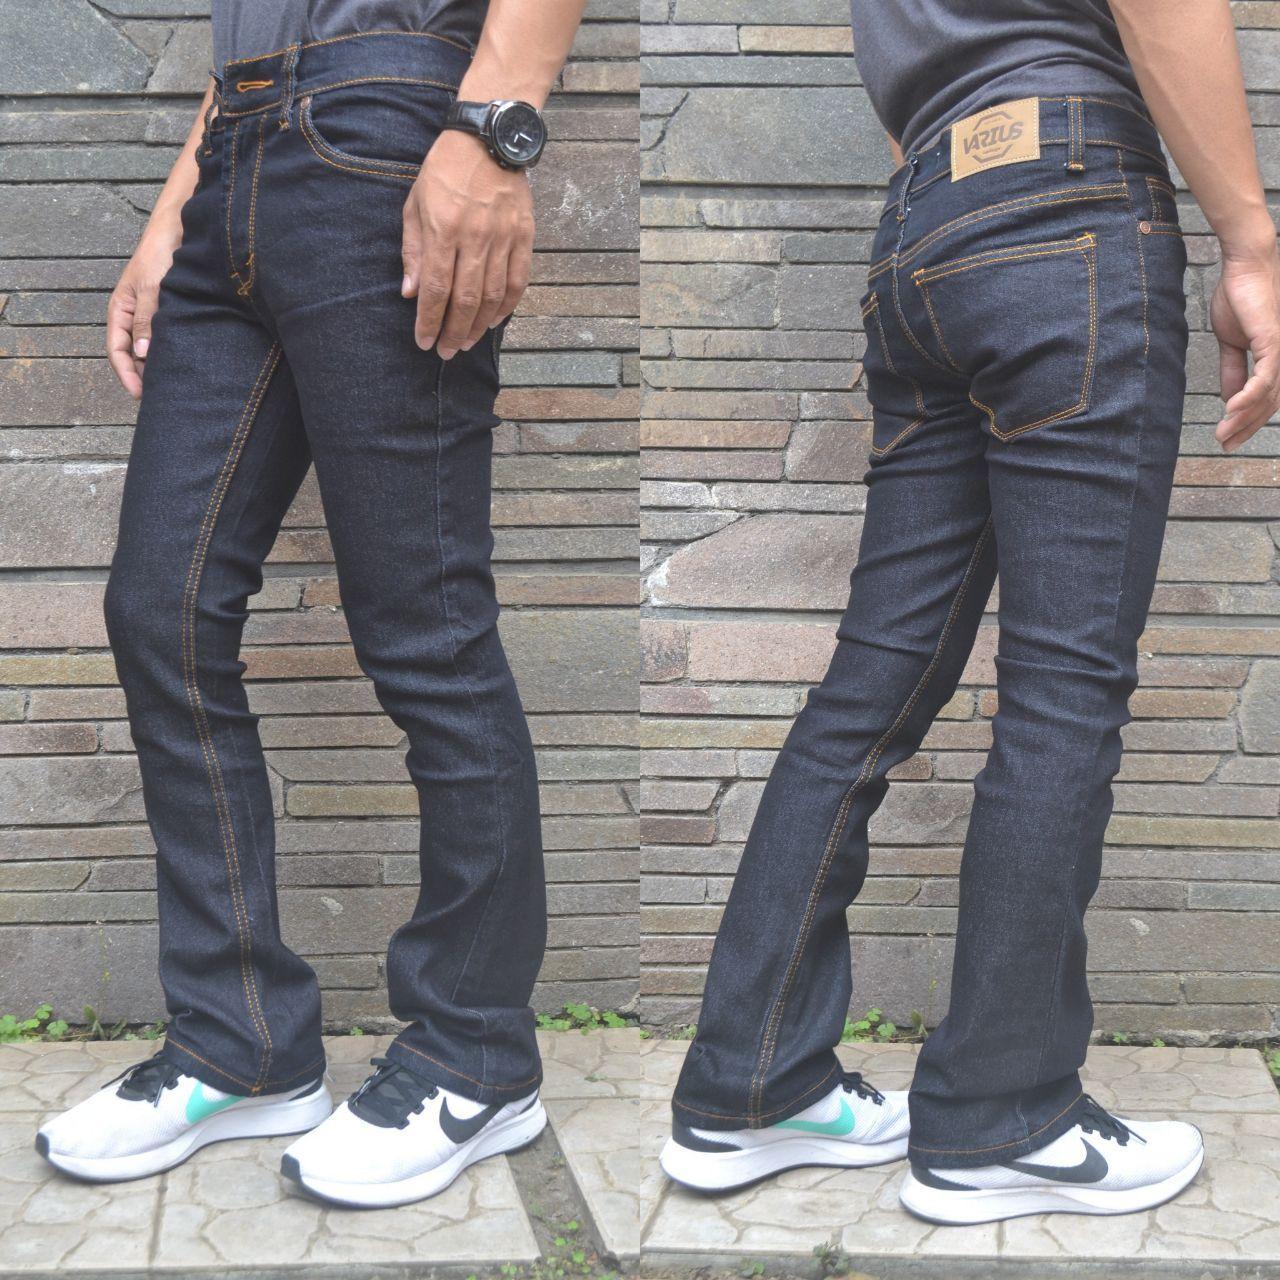 Celana cutbray garmen / celana cutbray / celana jeans cutbray / cutbray jeans / style pakain pria / celana jaman sekarang / celanan begi / style keren pria / celana jeans pria / celana pria terbaru / celana komprang / celana jeans pria / celana murah